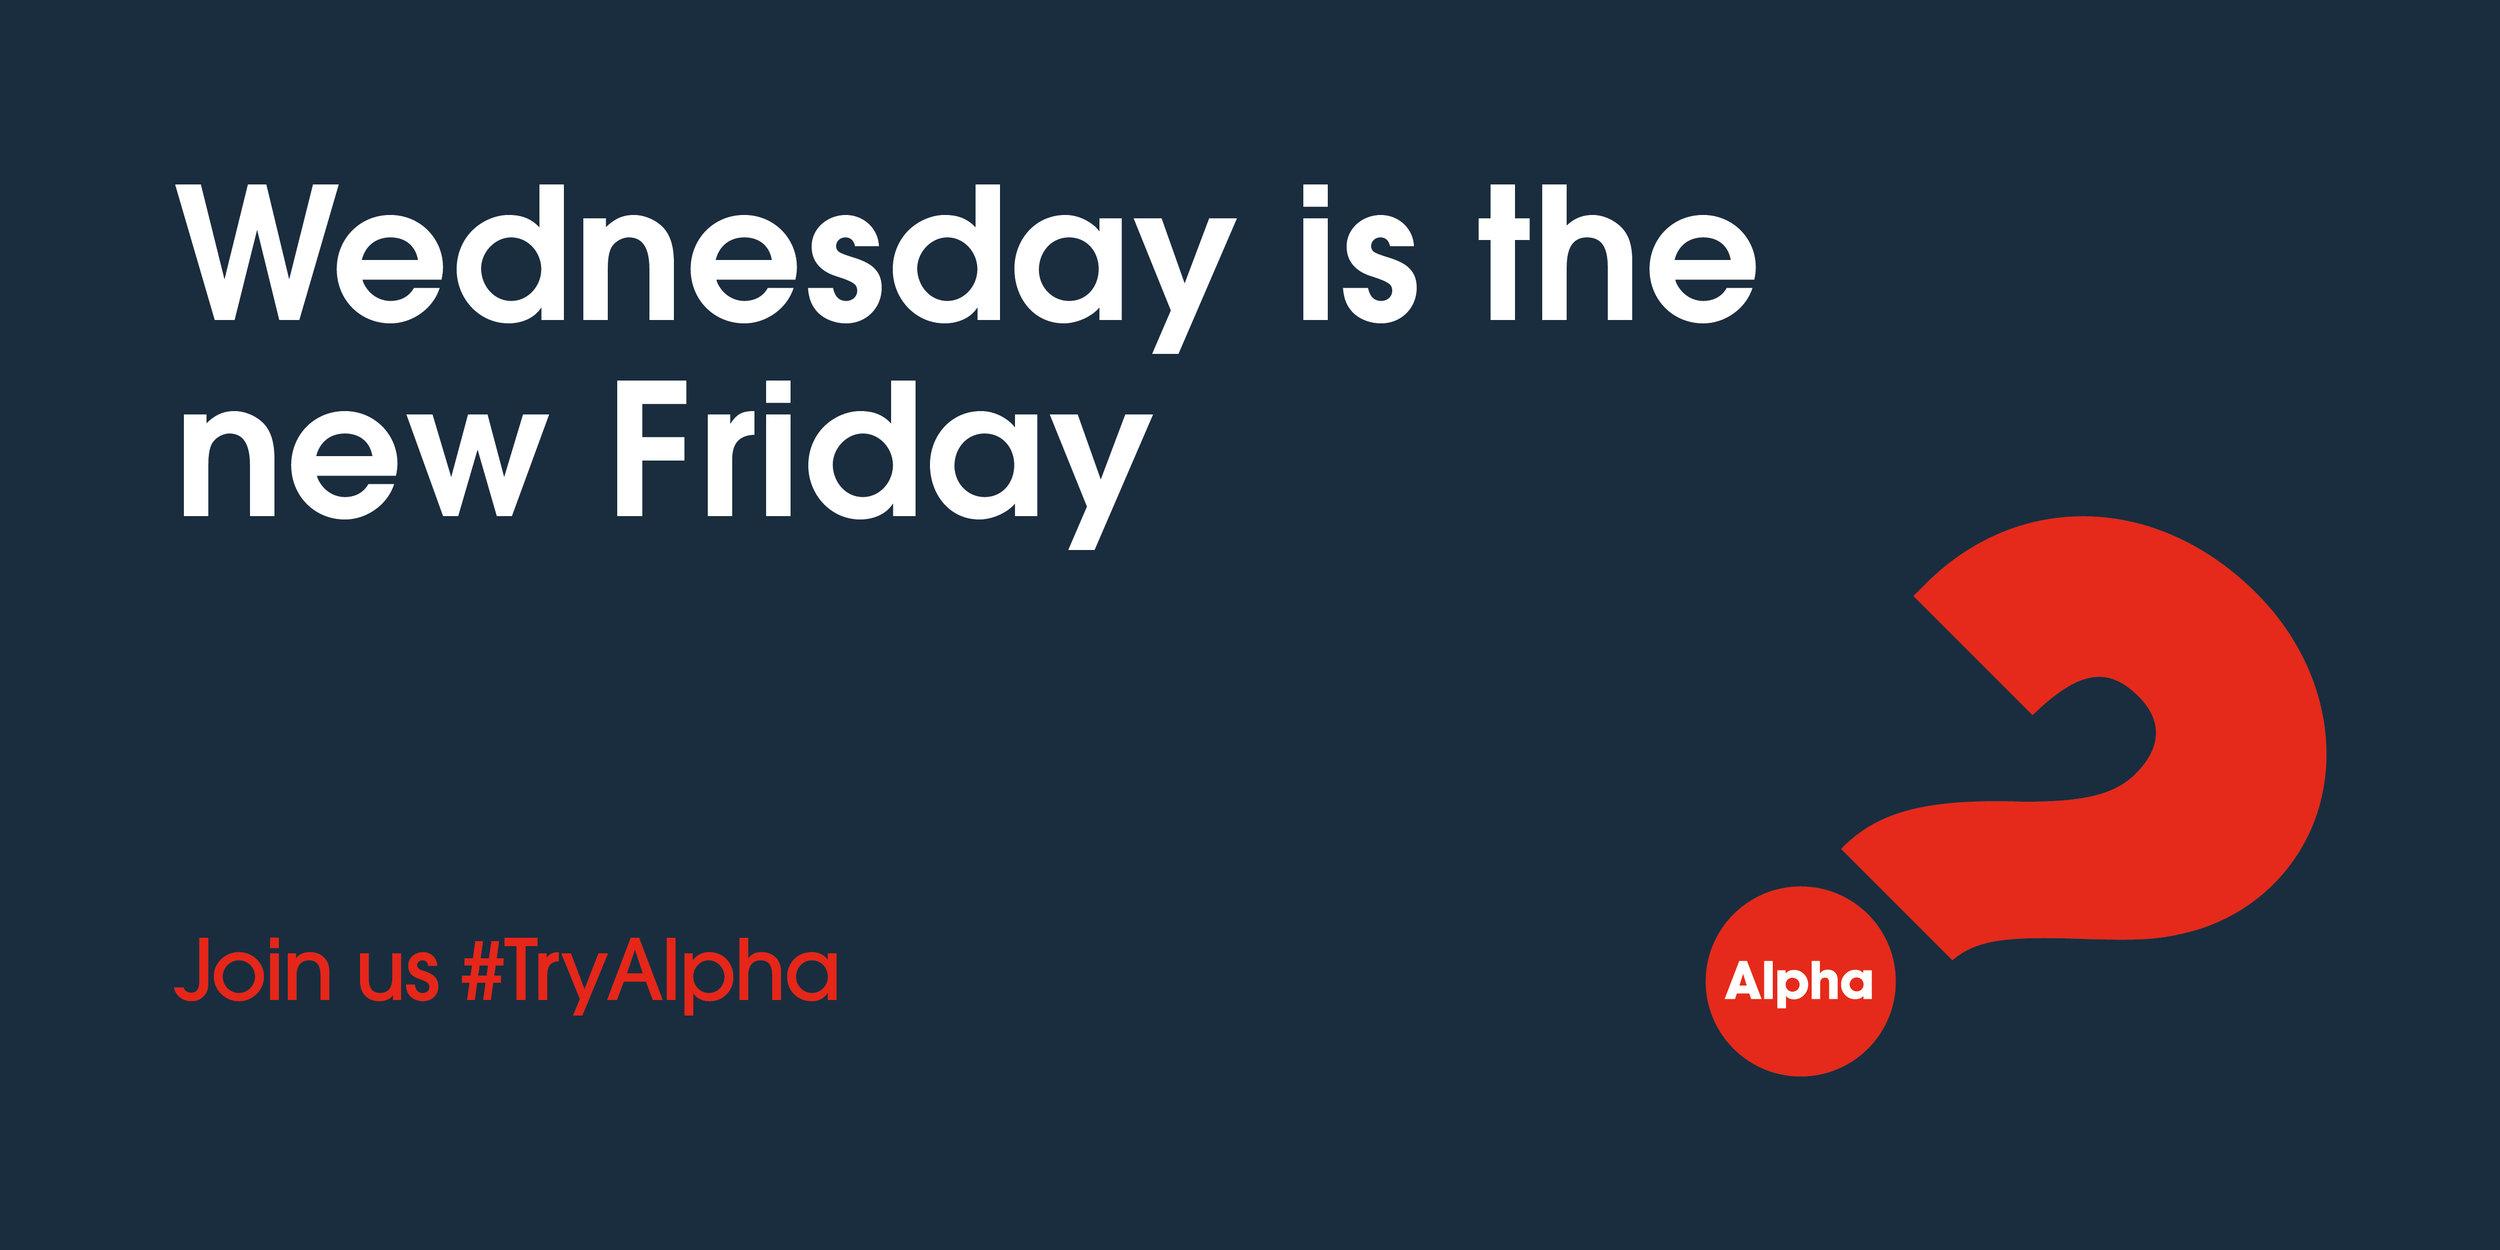 Wednesday-TW.jpg